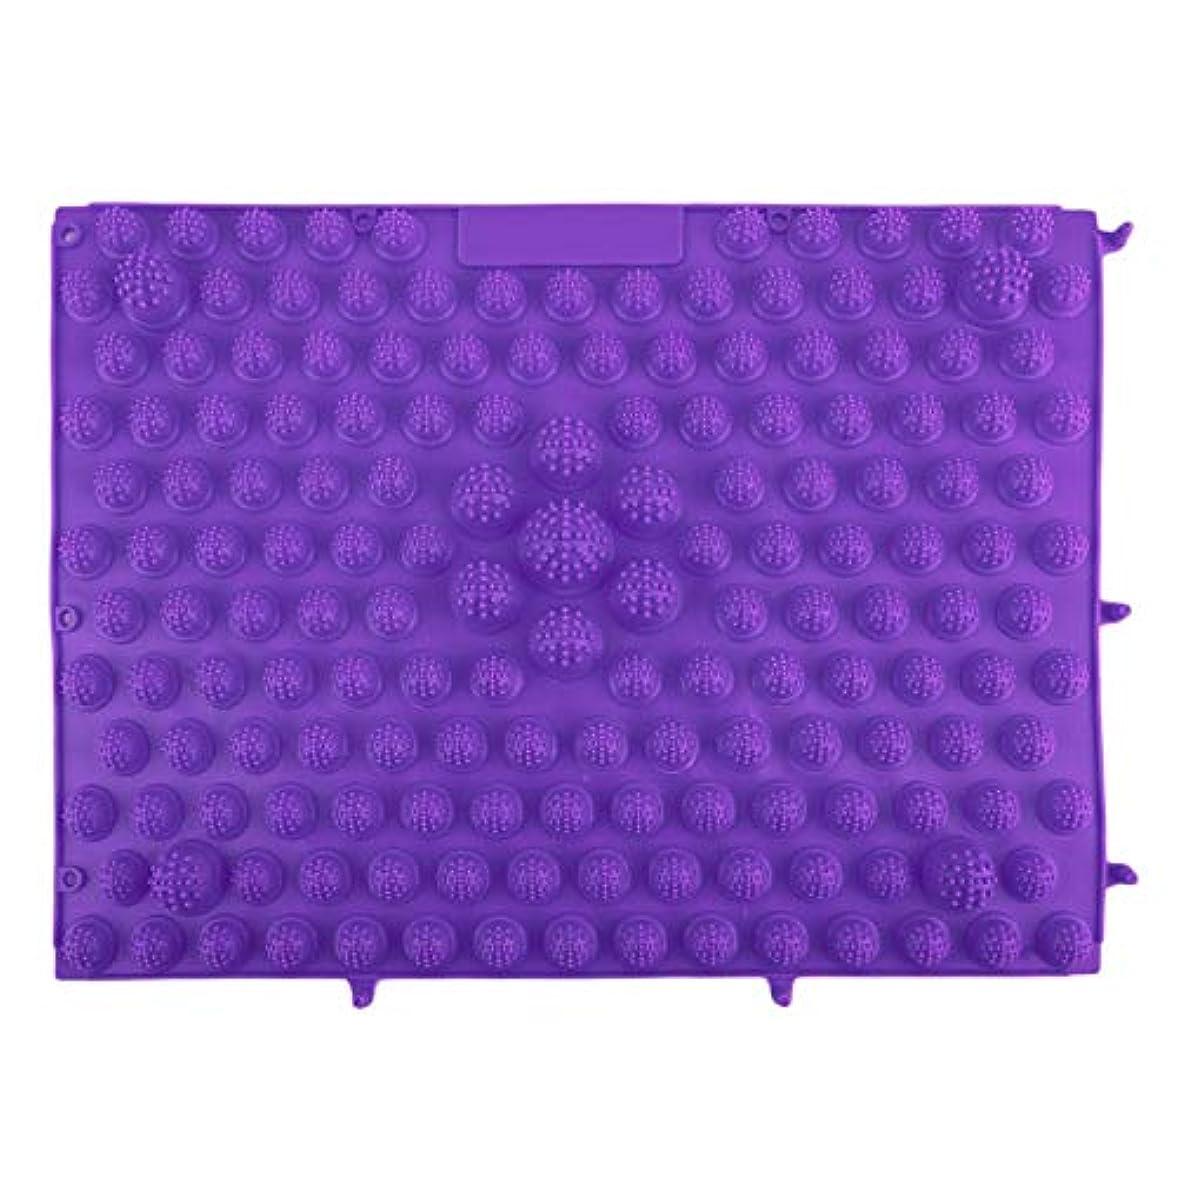 ほかにとても多くのラブ韓国風フットマッサージパッドTPEモダン指圧リフレクソロジーマット鍼灸敷物疲労緩和促進循環 - 紫色